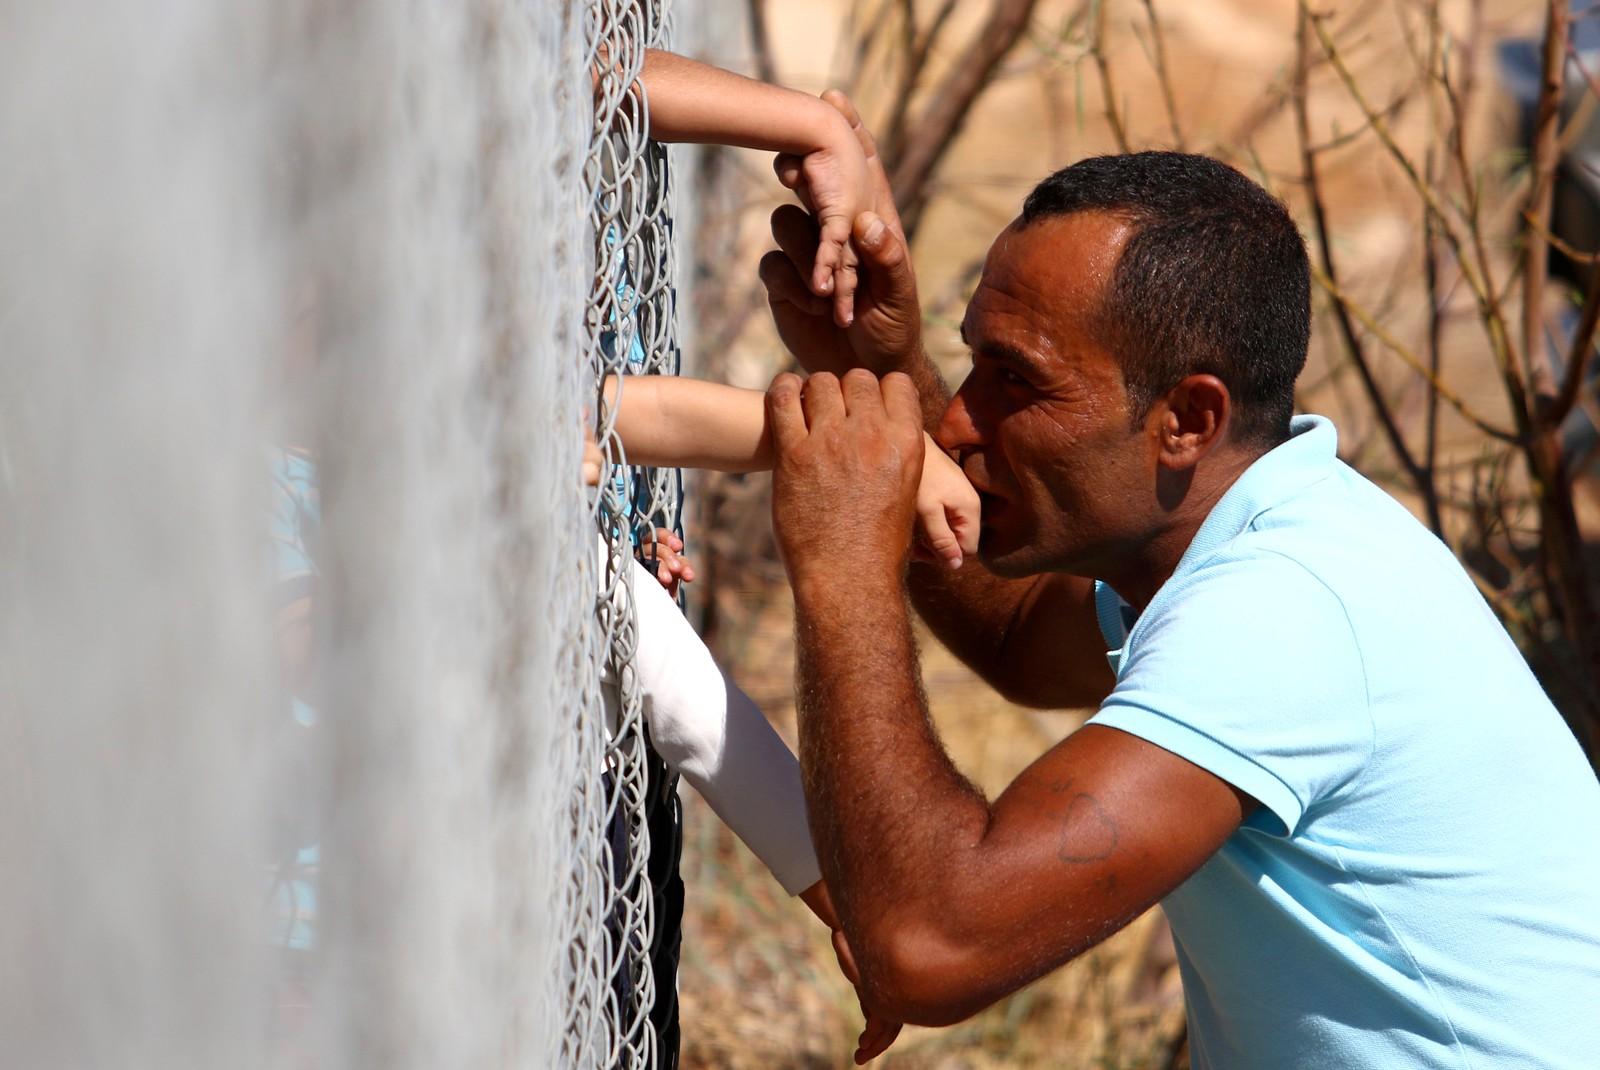 Flyktingen Ammar Hammasho fra Syria har vært på Kypros i ett år. Denne uka kom resten av familien hans til øya på en liten båt sammen med mange andre flyktninger. Bare timer senere kunne Hammasho kysse hendene til barna som var inne i flyktningleiren.